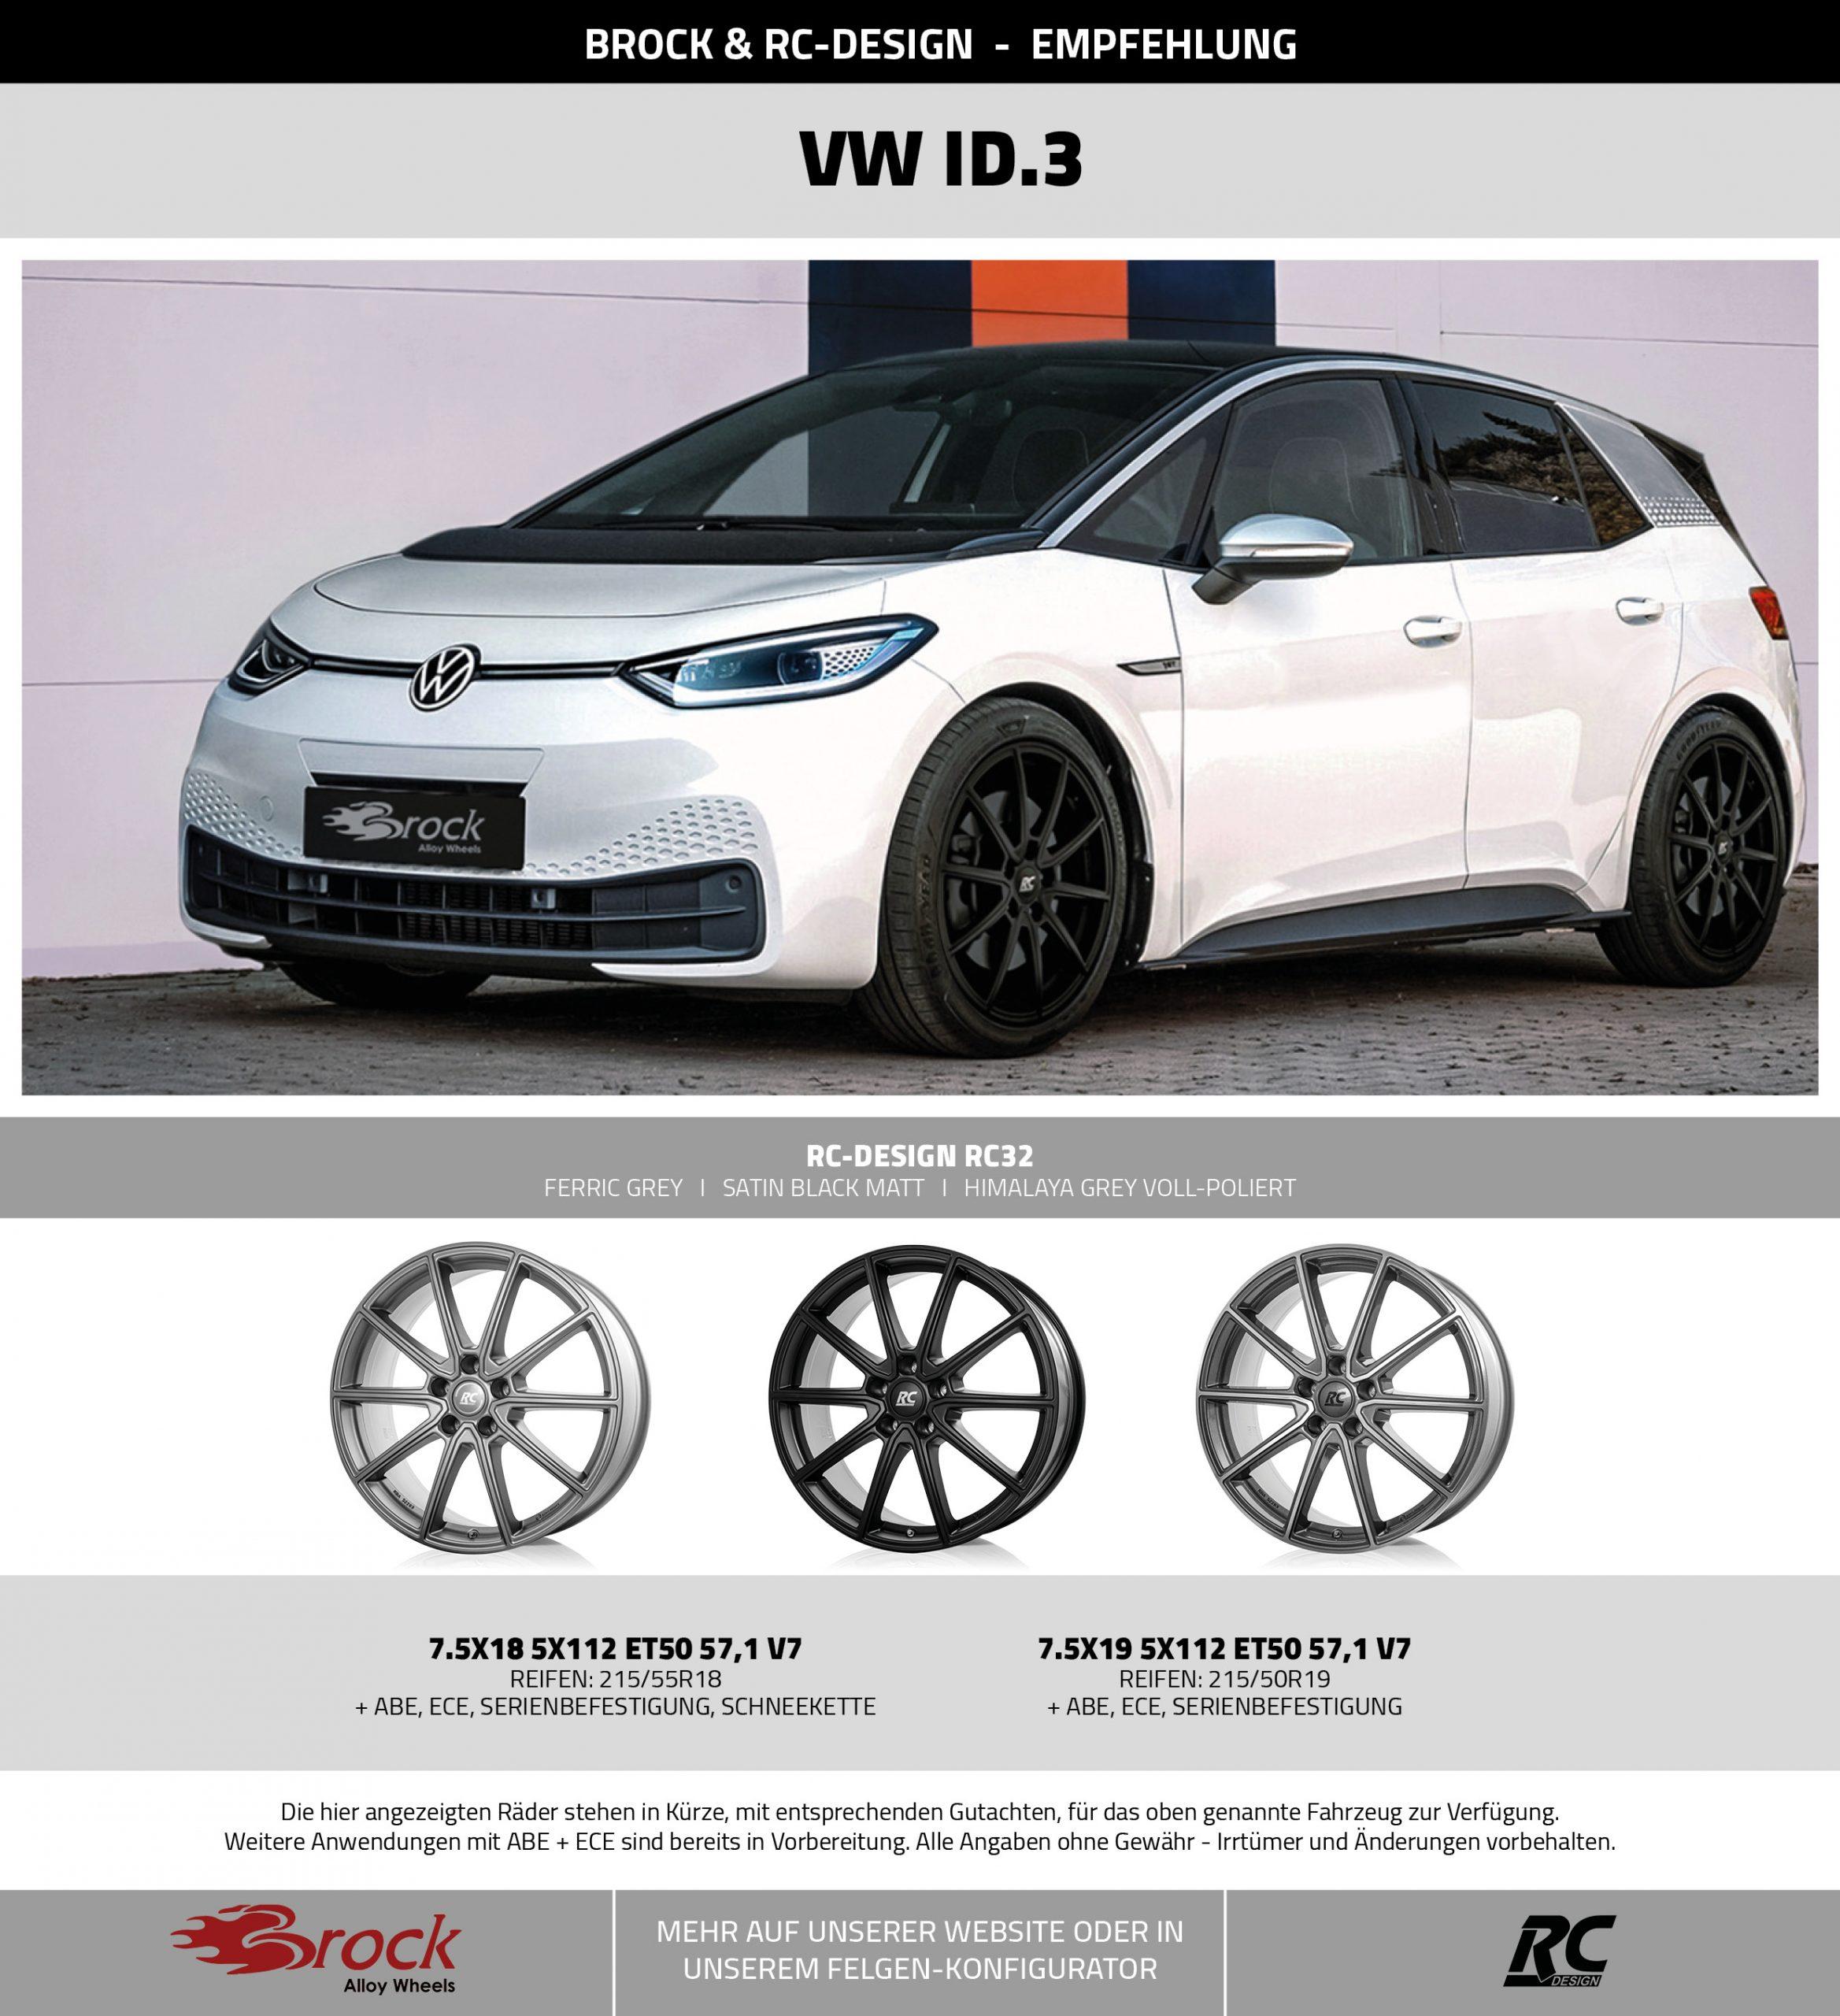 Empfehlung VW ID.3